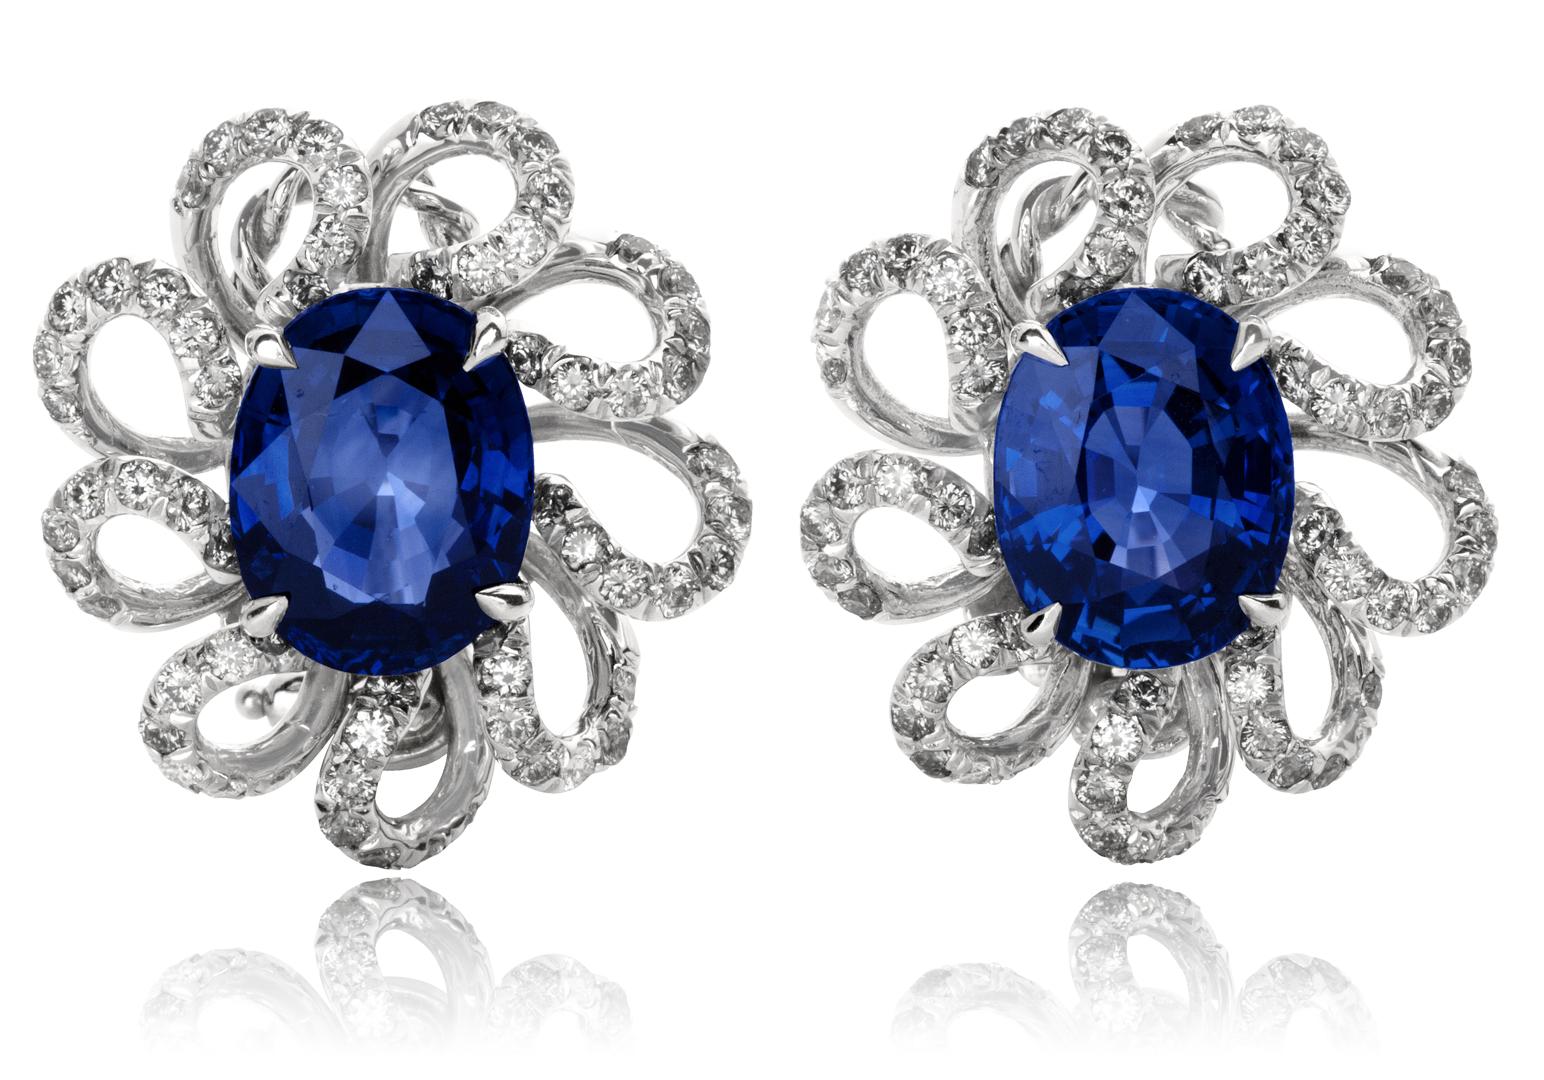 Blue Shire Diamond Earrings Fl